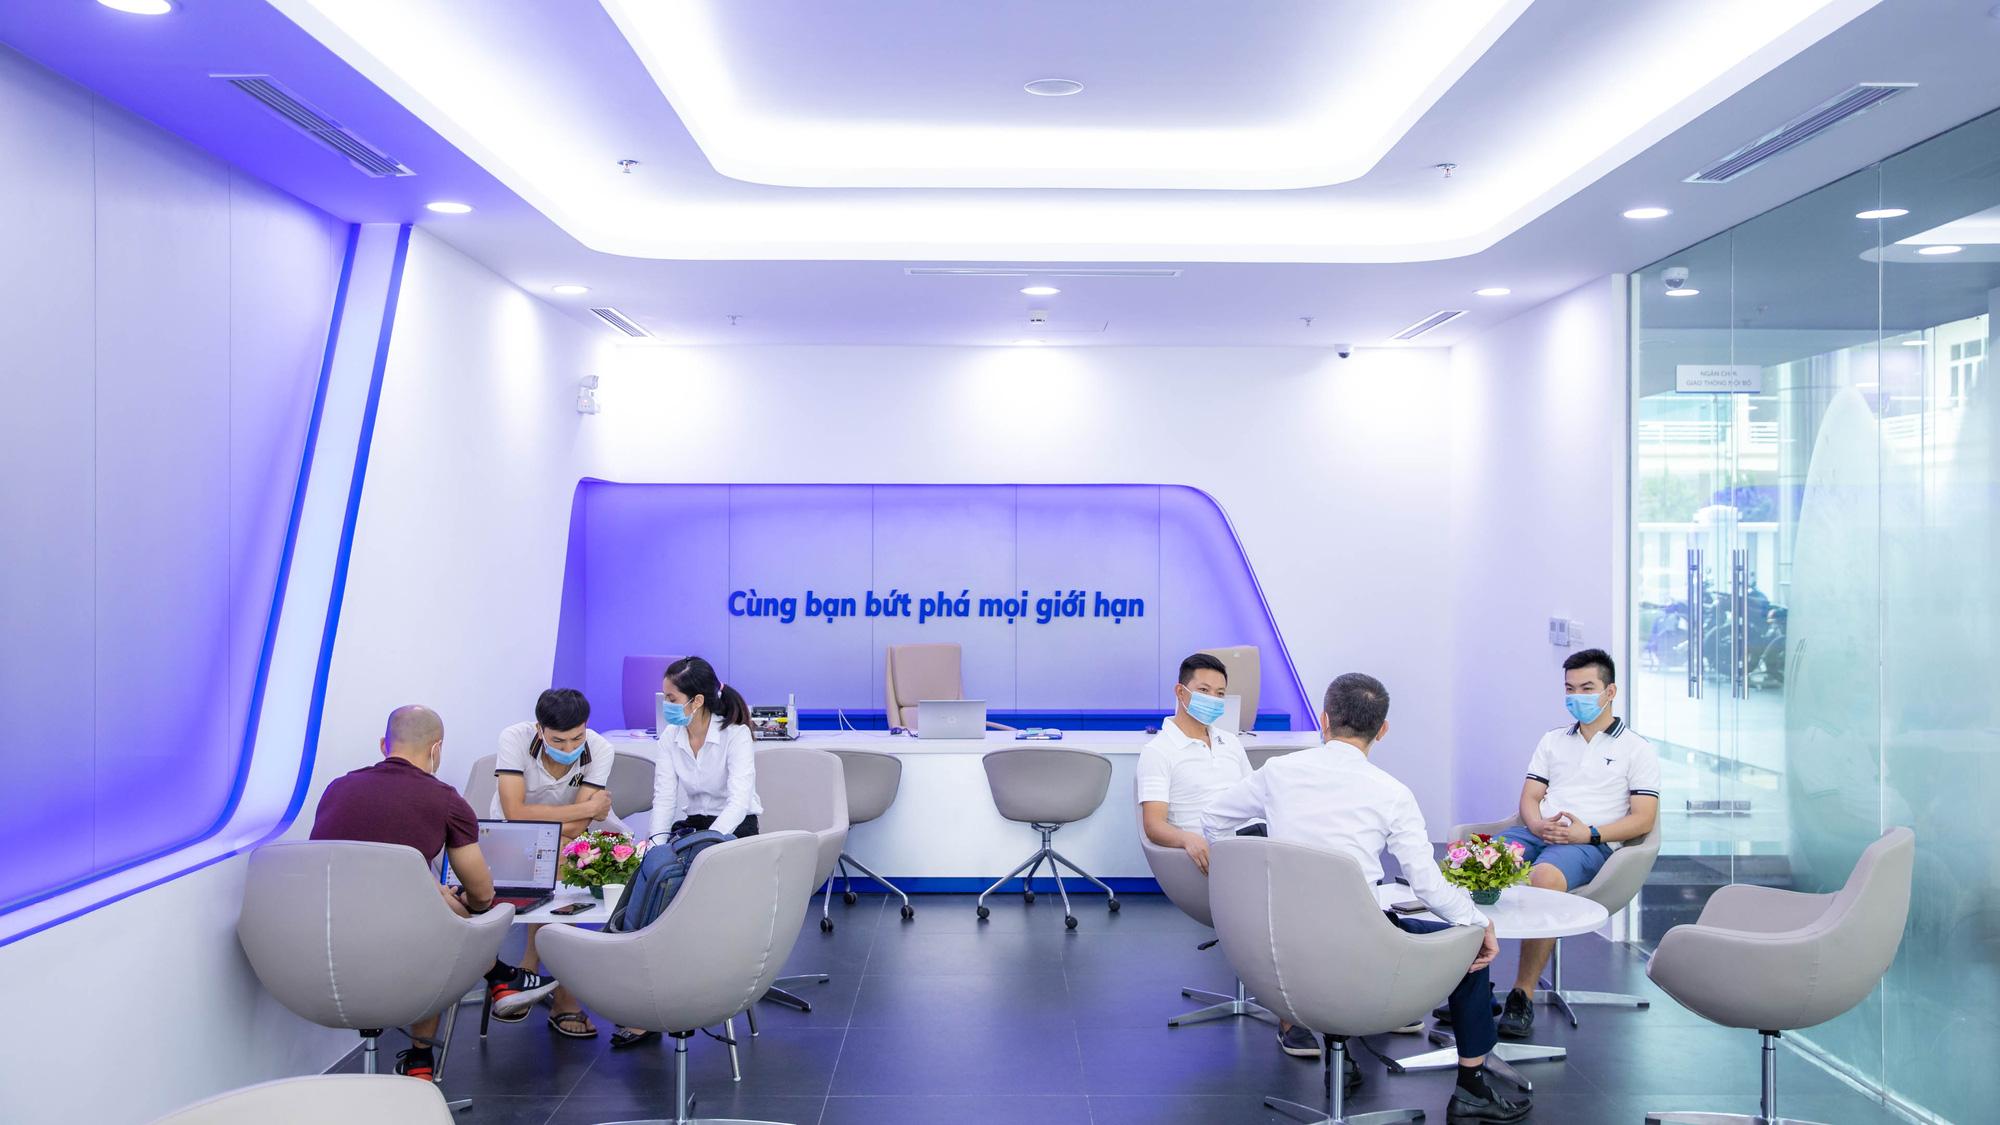 """VinFast khai trương showroom 3S Cẩm Phả, """"trình làng"""" diện mạo hoàn toàn mới - Ảnh 7."""